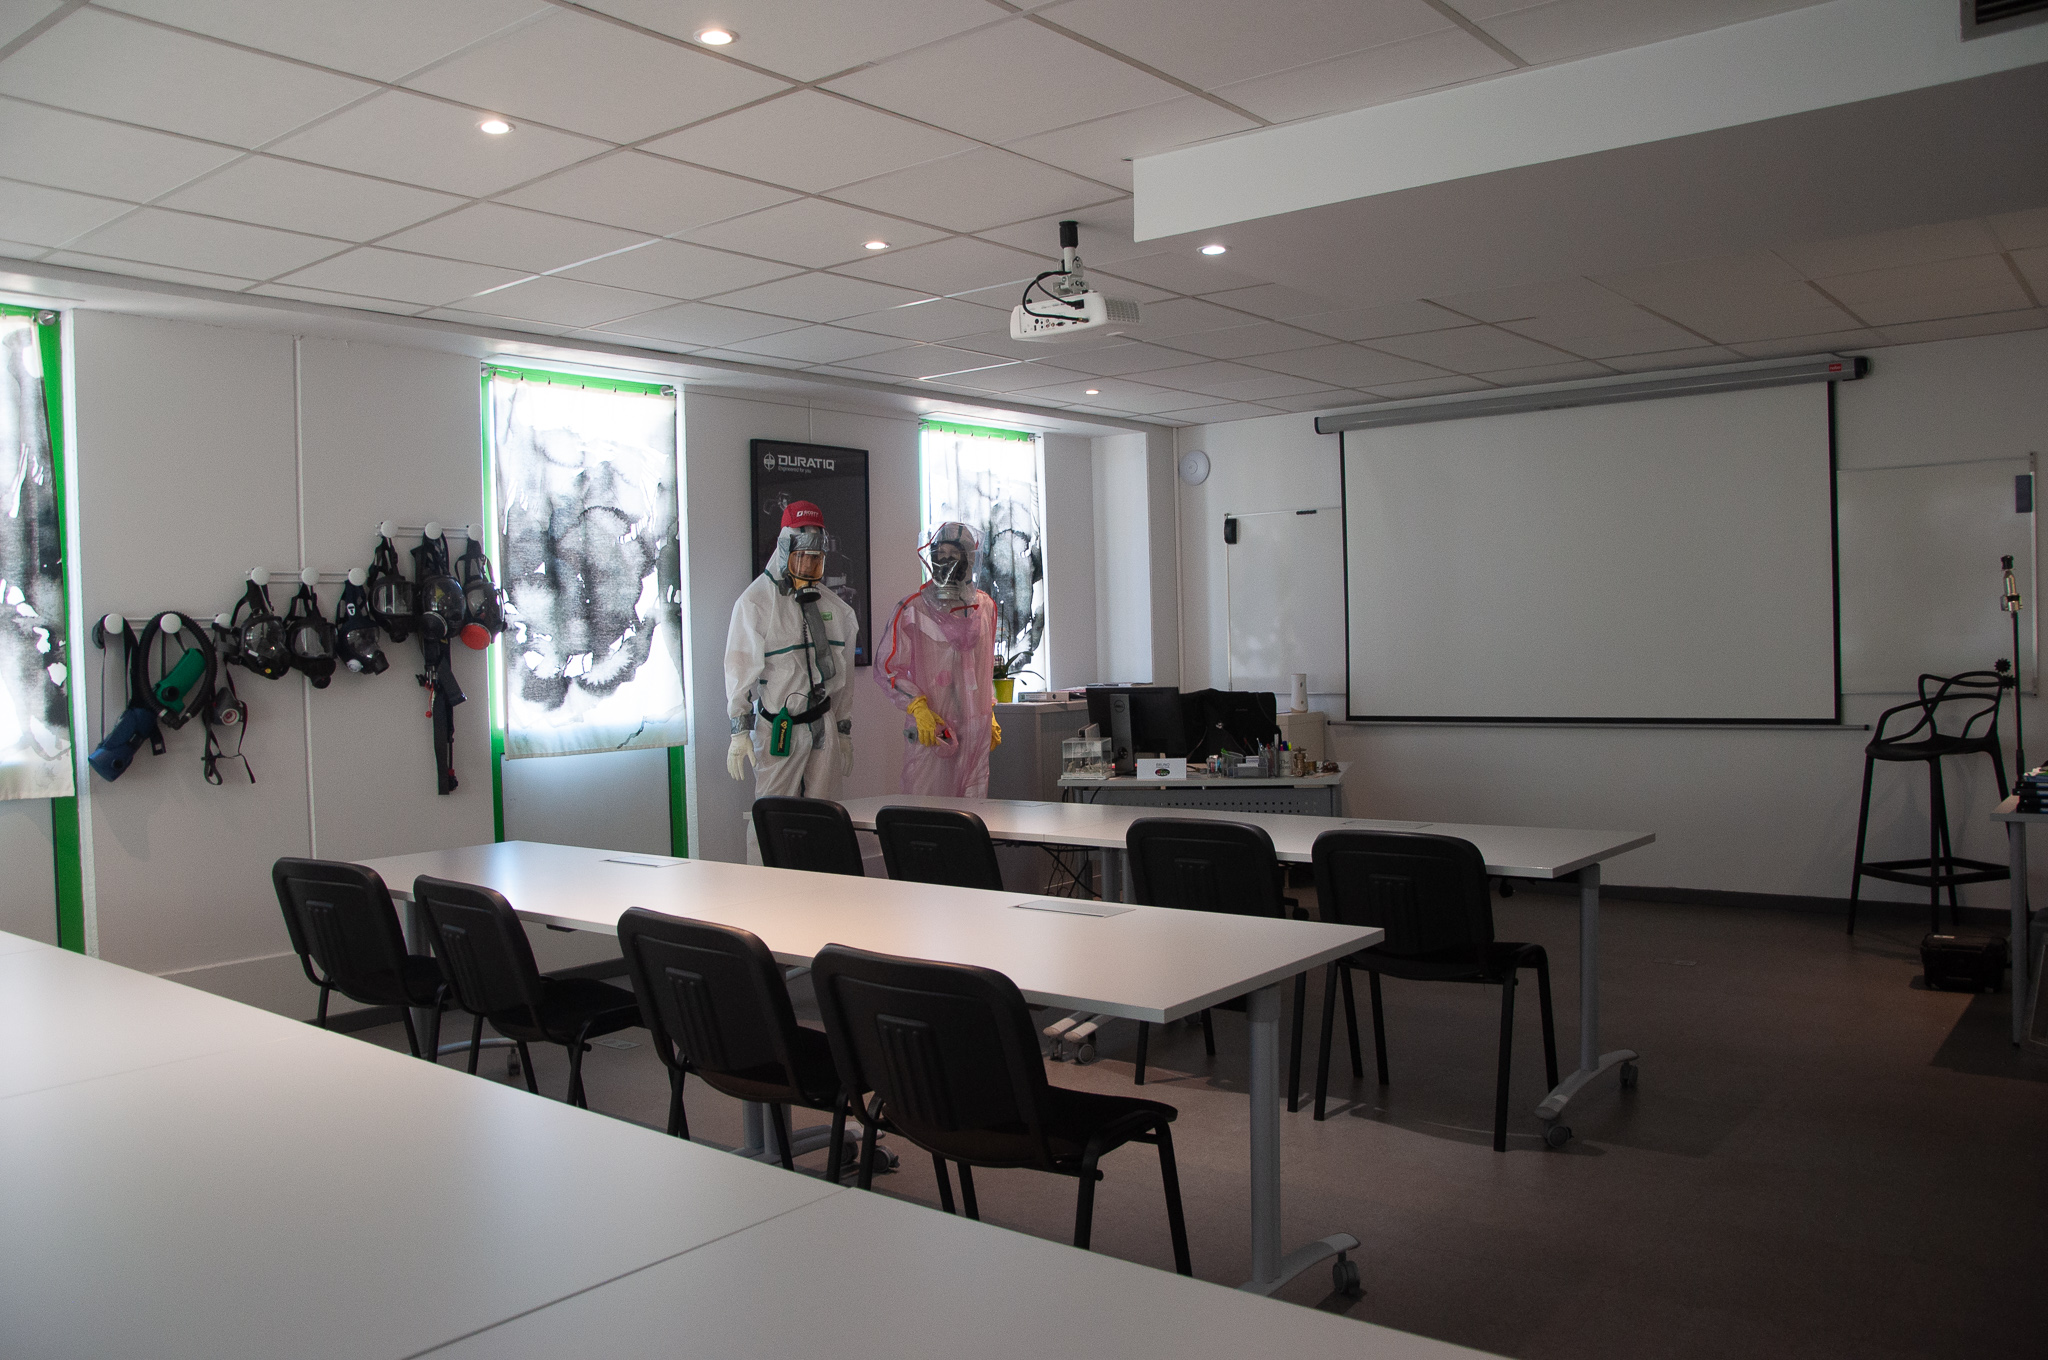 La grande salle de formation AFPR